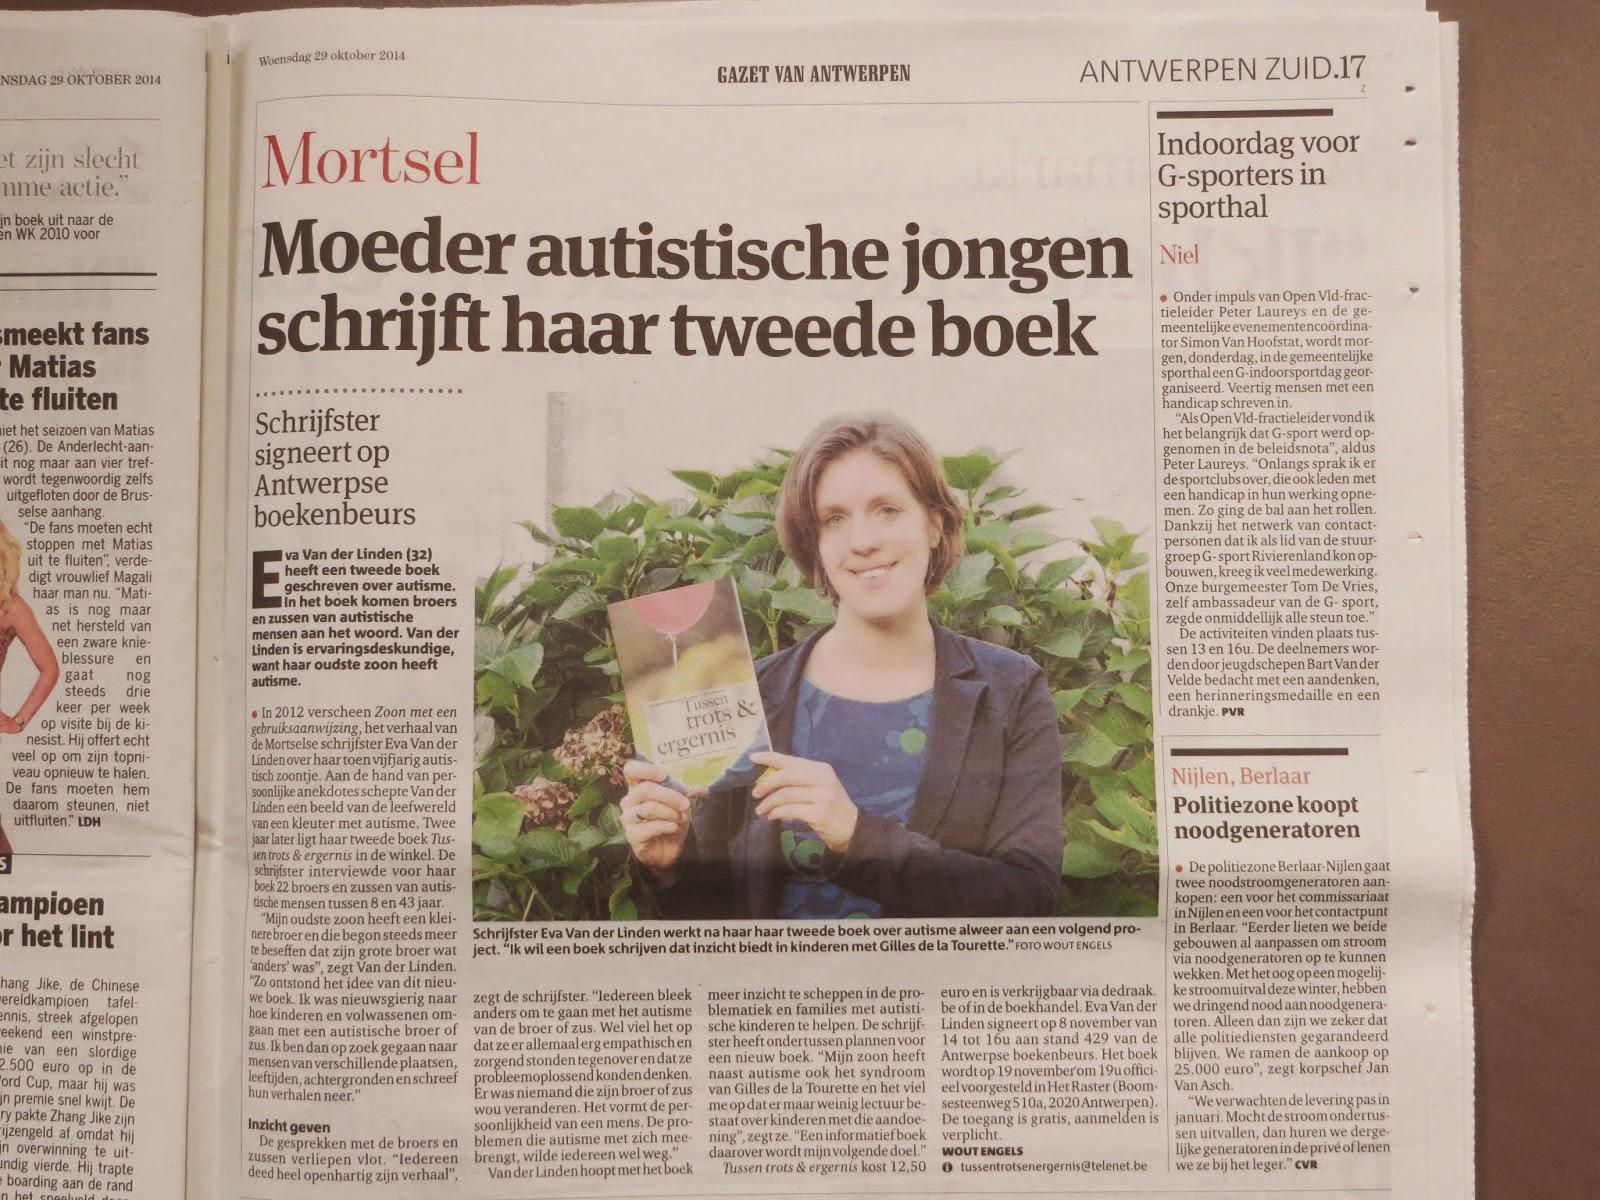 http://zoon-met-een-gebruiksaanwijzing.blogspot.be/2014/10/artikel-in-gazet-van-antwerpen.html